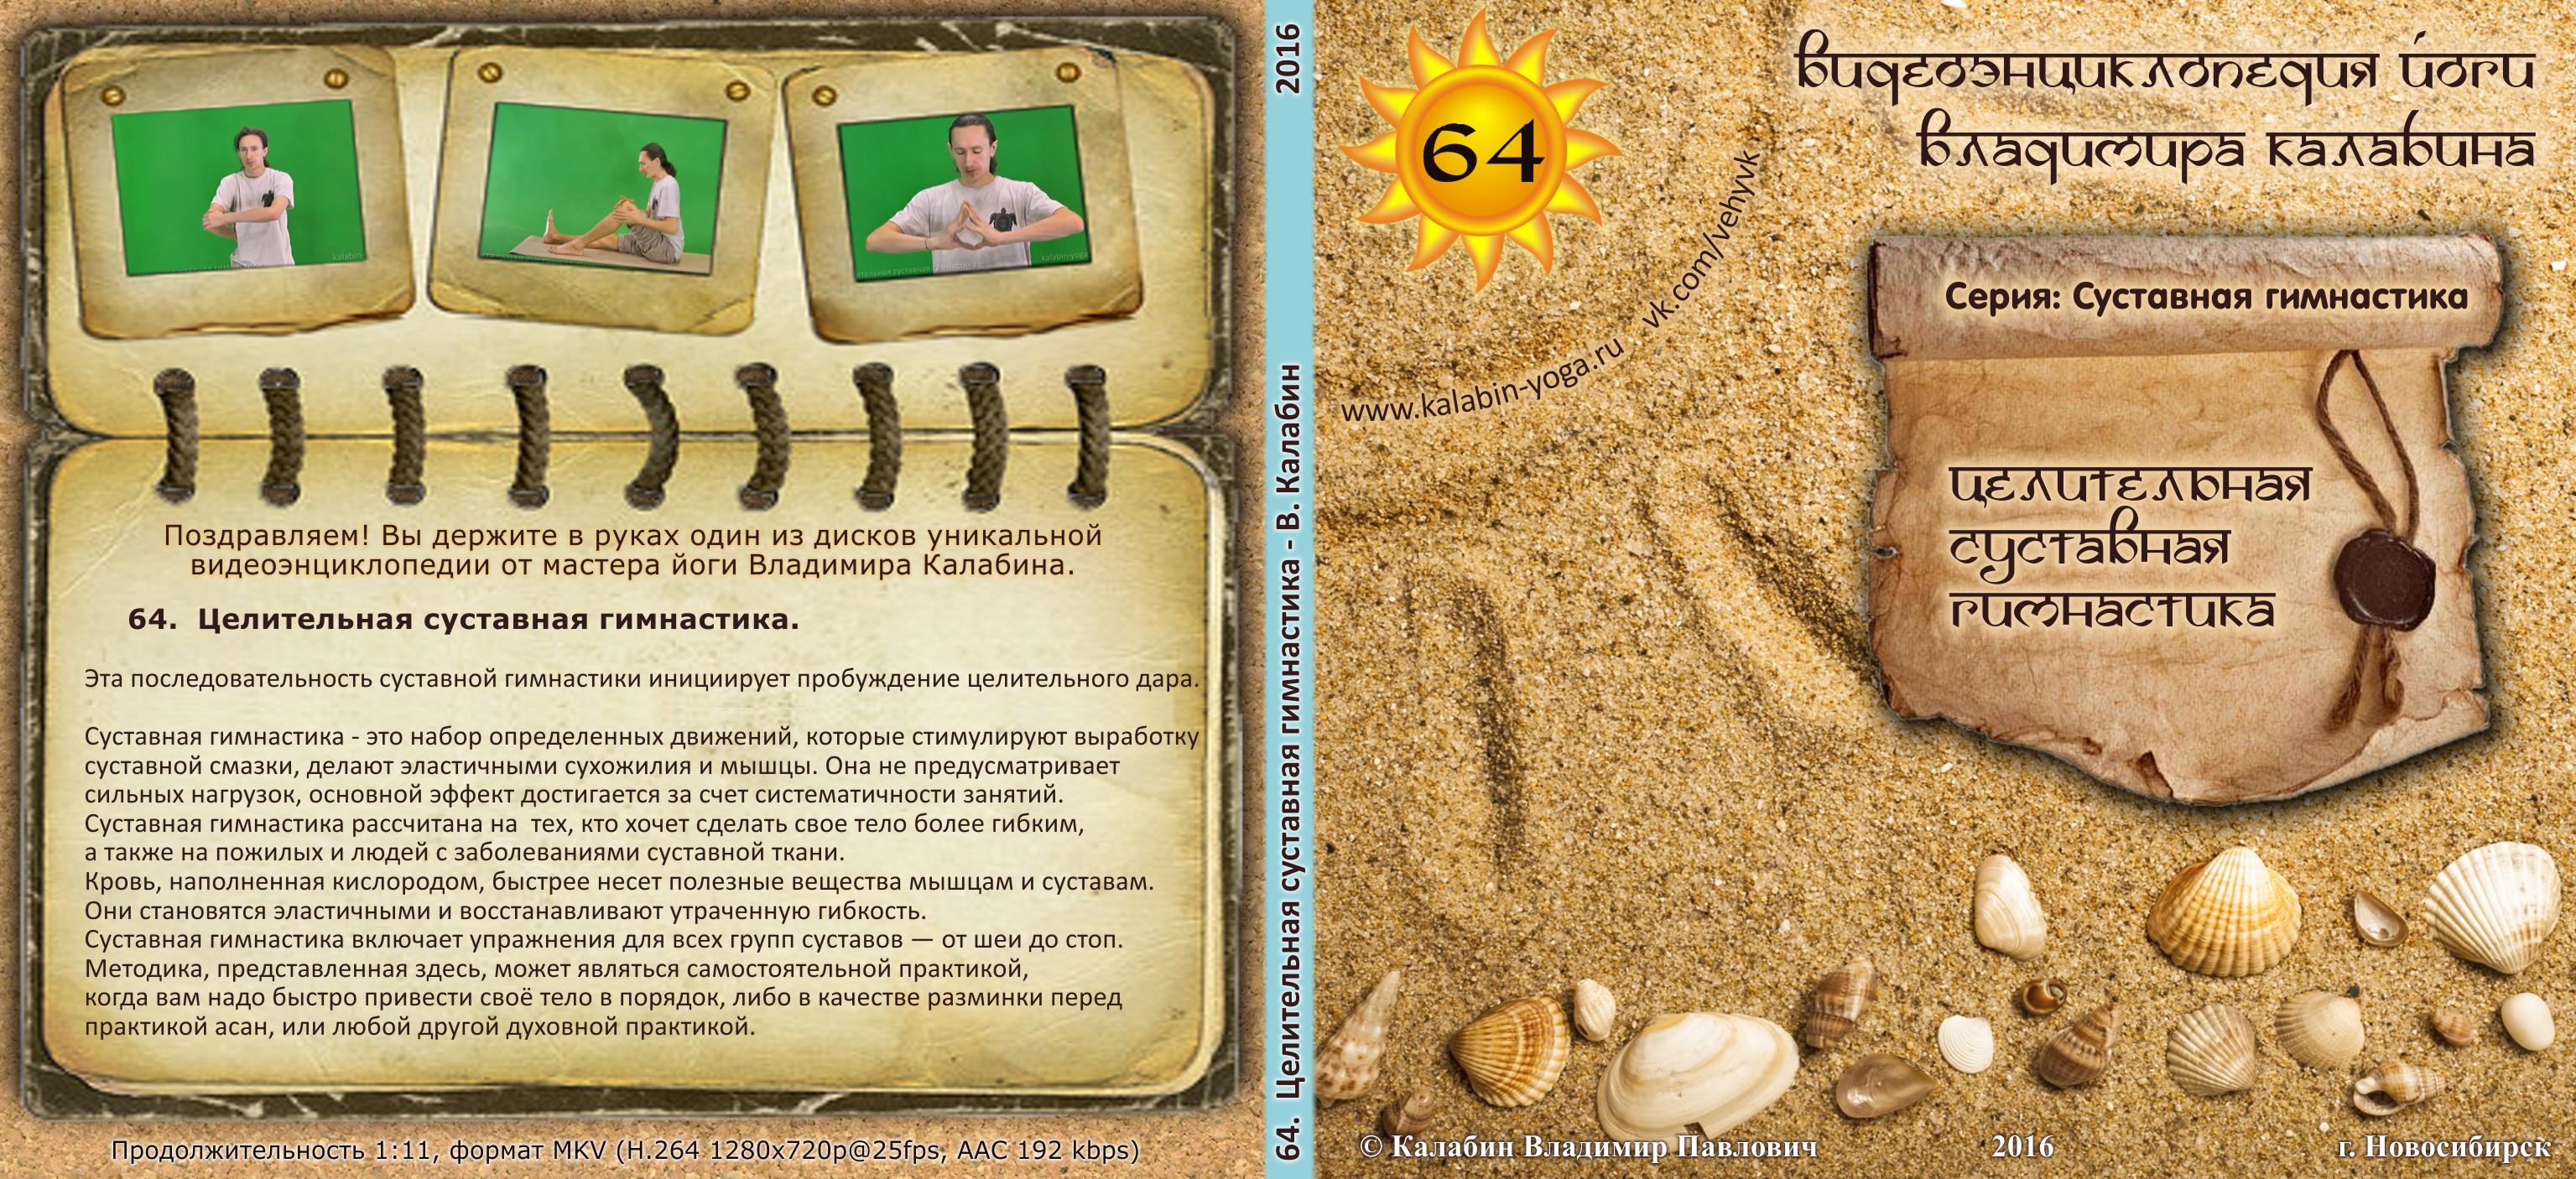 064-celitelnaya-sustavnaya-gimnastika-minidvd-260x119